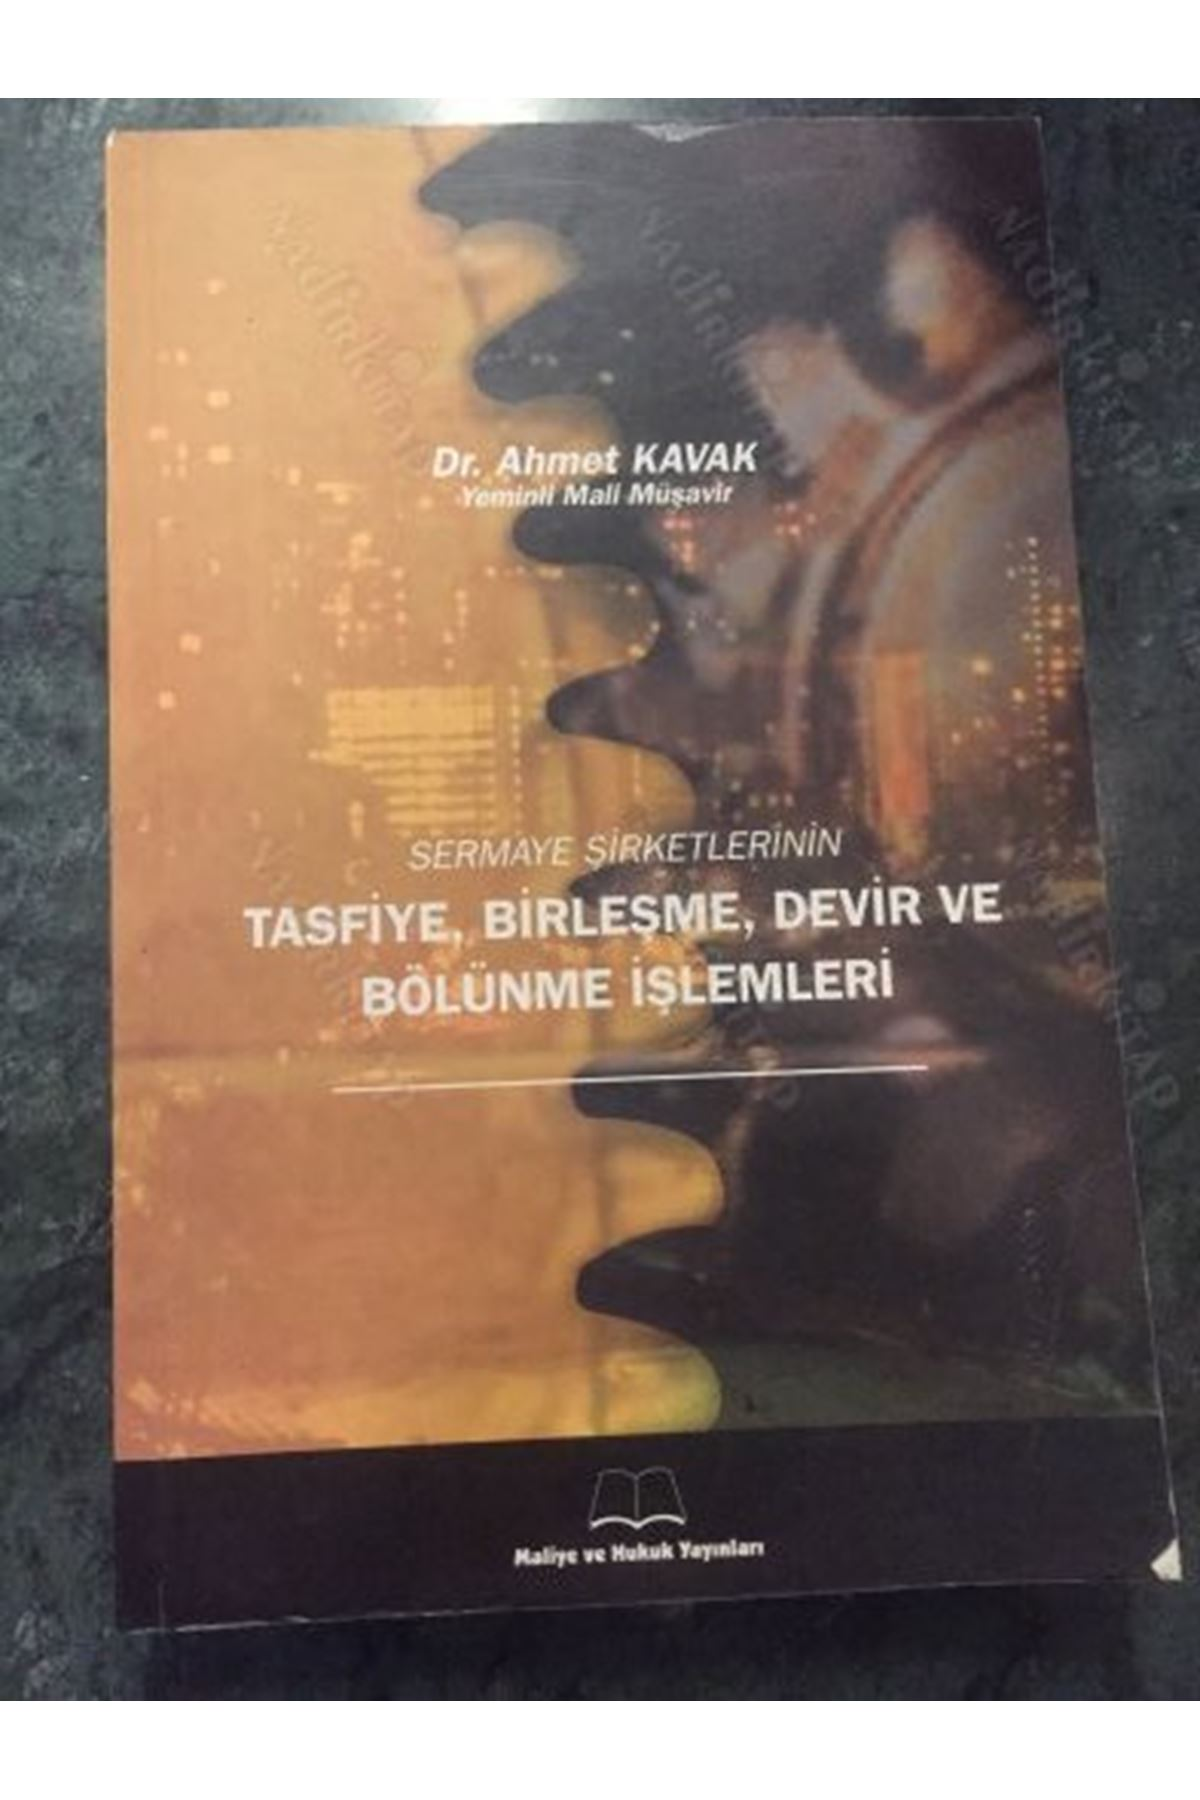 AHMET KAVAK - SERMAYE ŞİRKETLERİNİN TASFİYE BİRLEŞME DEVİR